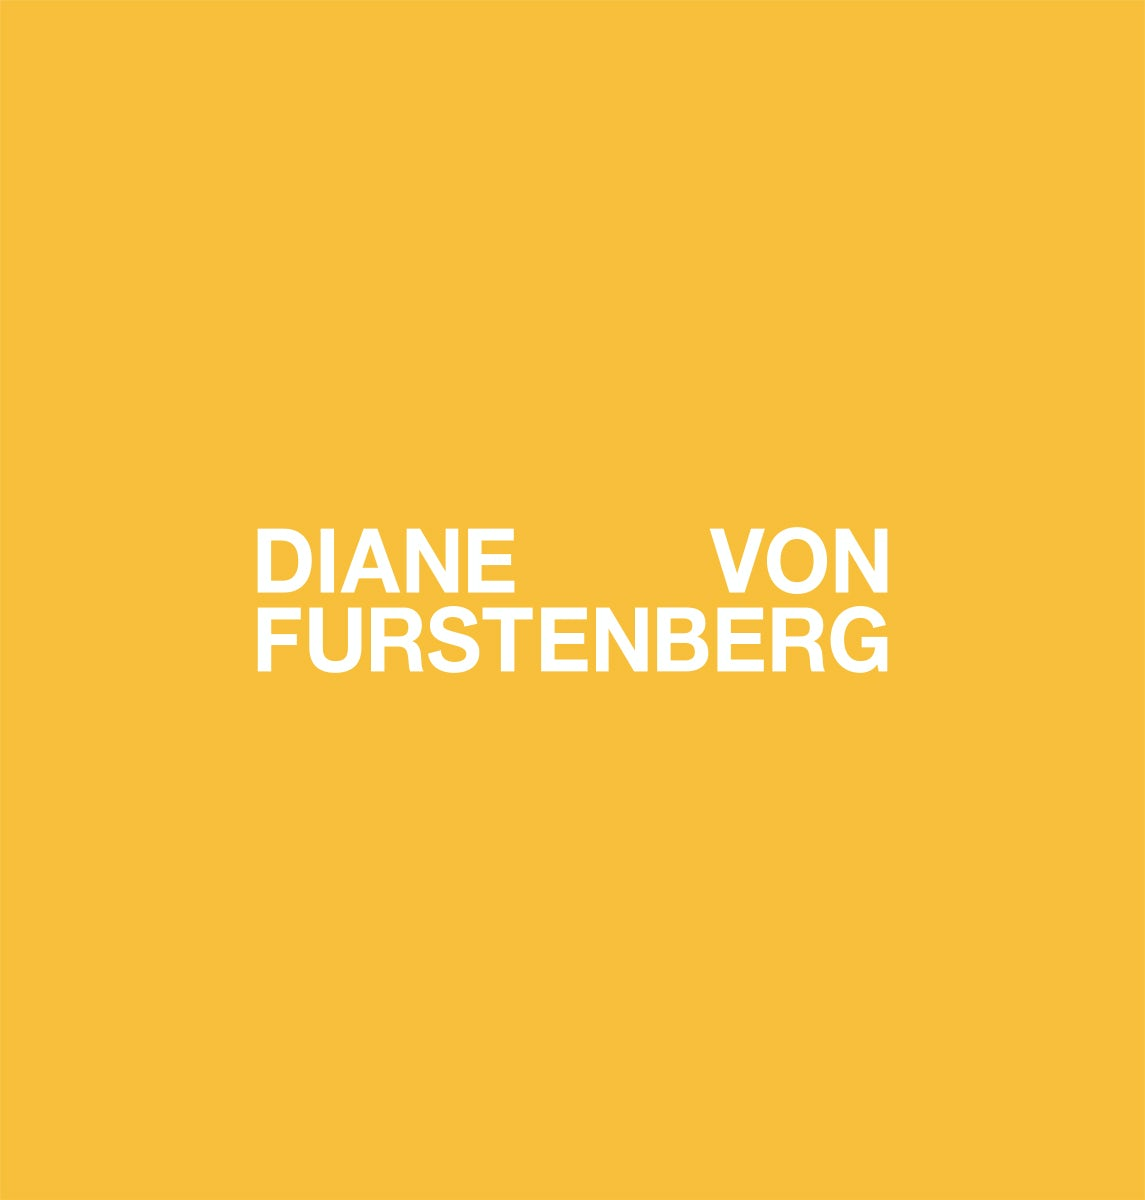 Diane von Furstenberg company logo